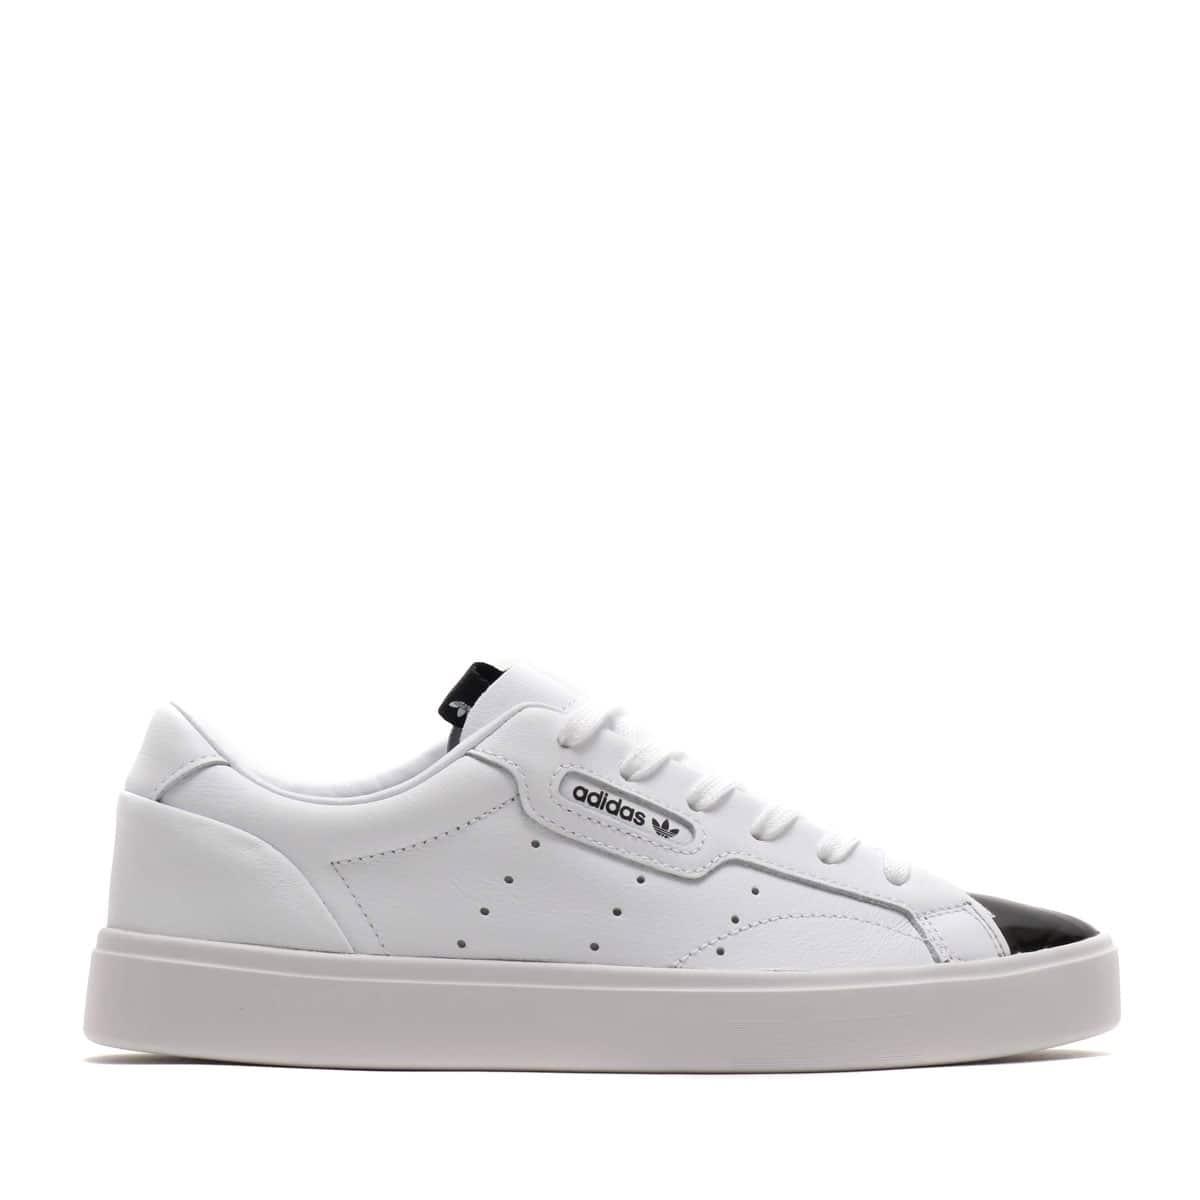 """""""adidas Originals SLEEK W RUNNING WHITE/RUNNING WHITE/CORE BLACK 19FW-S""""_photo_2"""